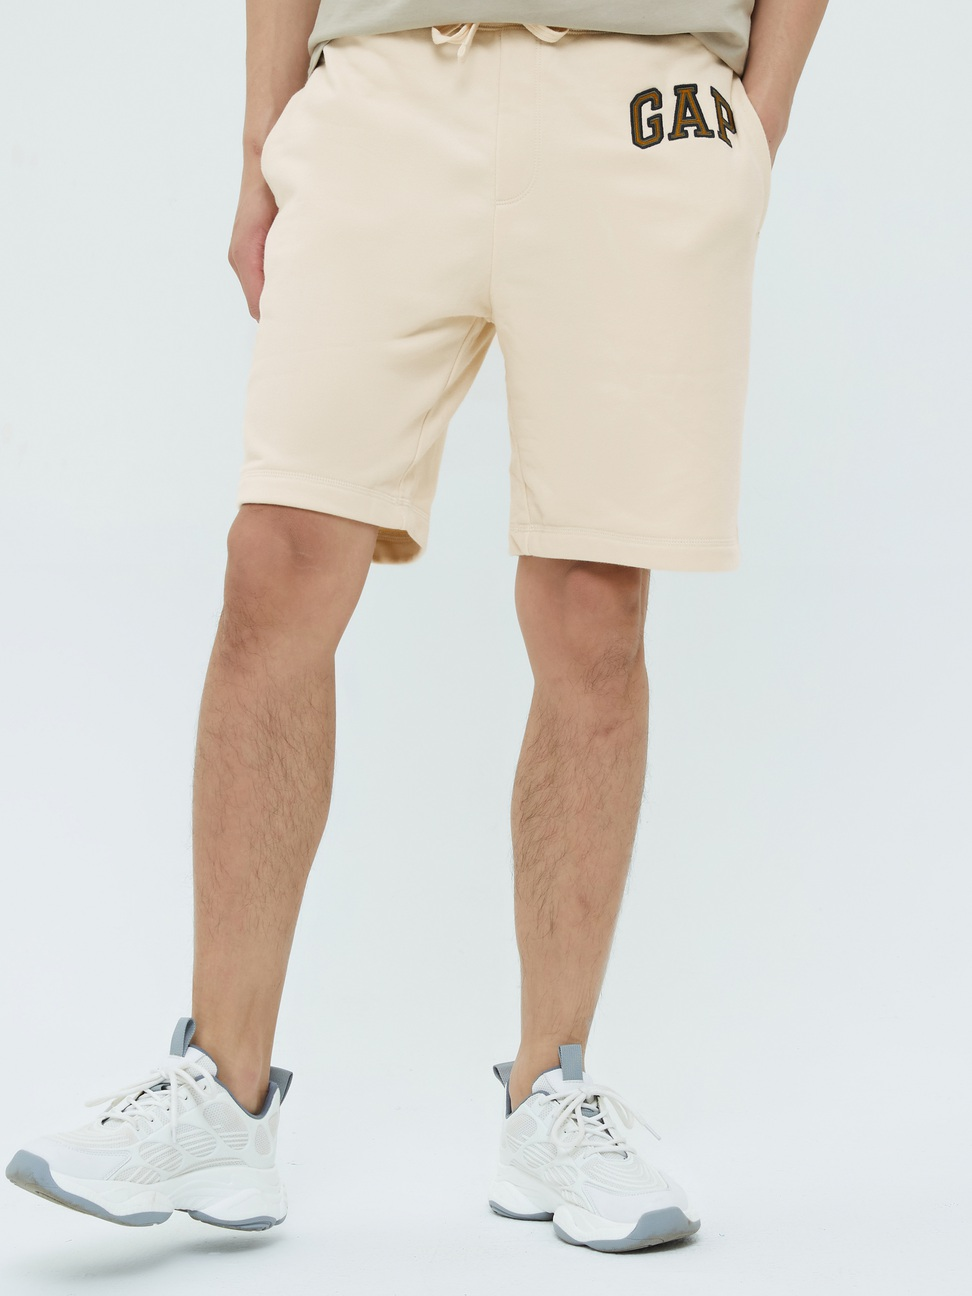 男裝 碳素軟磨系列法式圈織 Logo簡約風格鬆緊休閒短褲